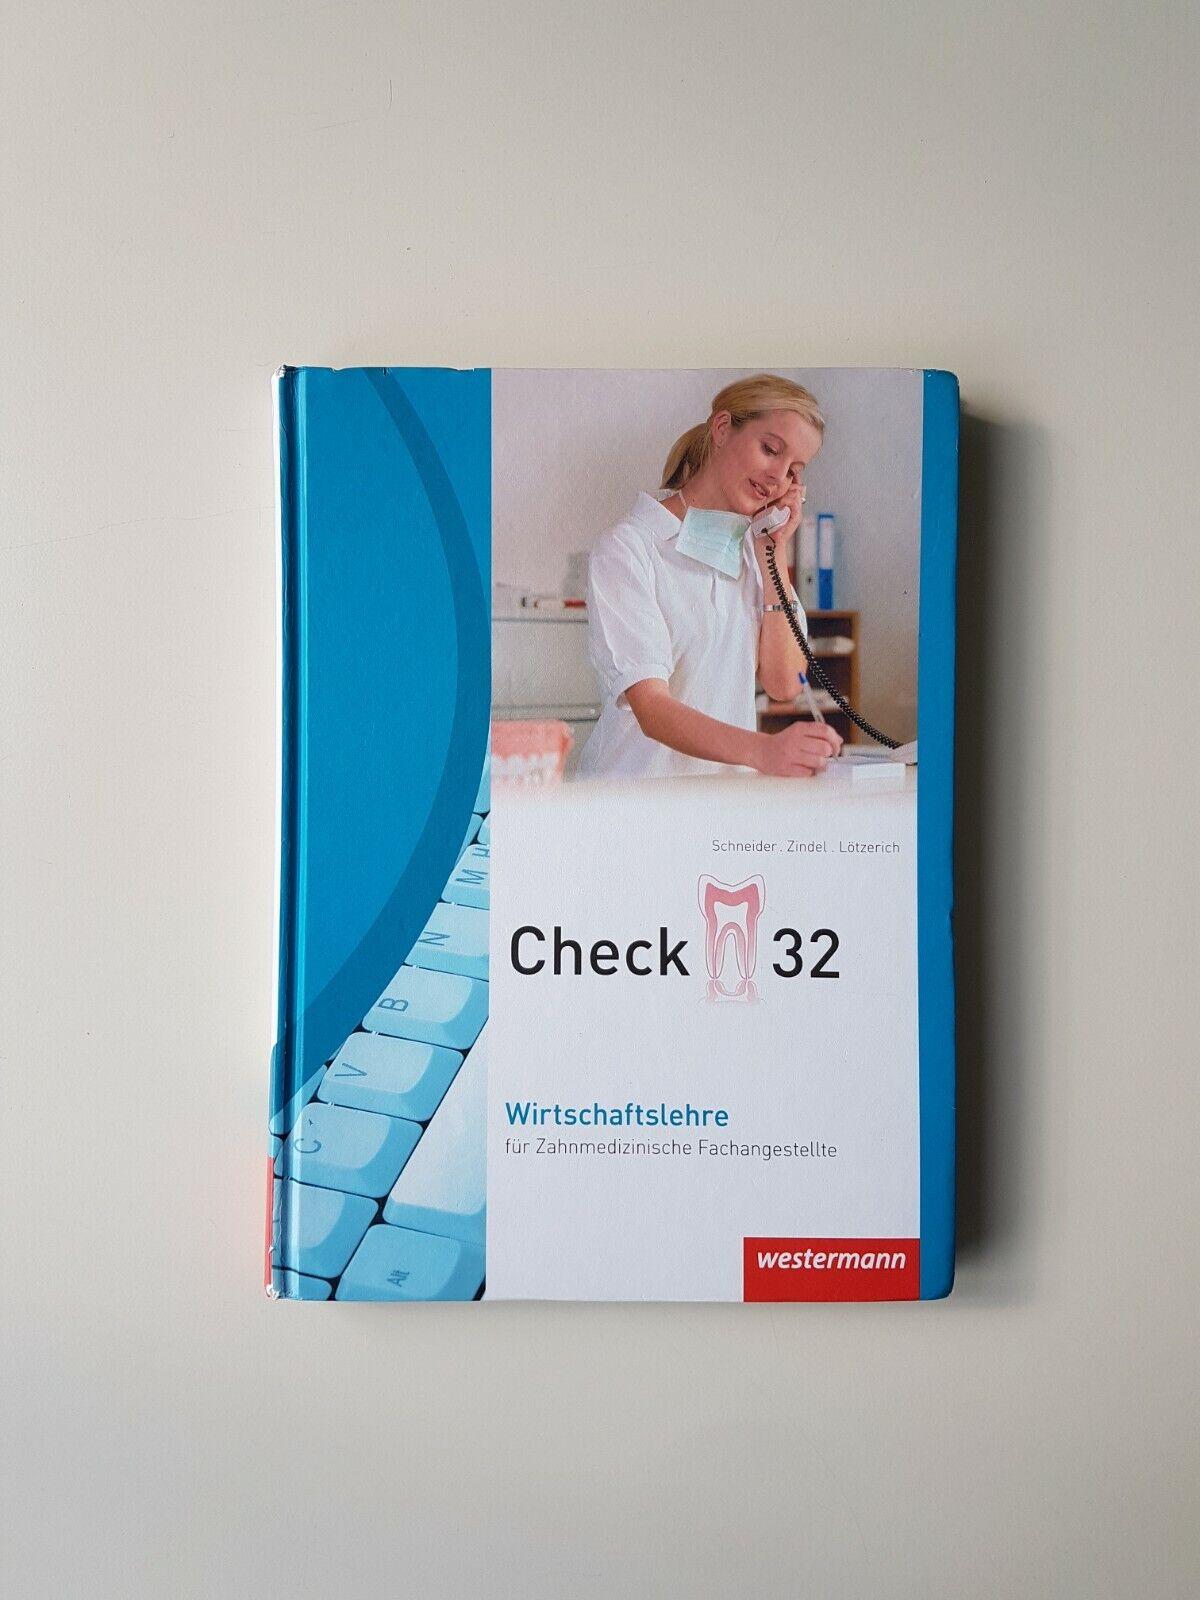 Check 32. Wirtschaftslehre für Zahnmedizinische Fachangestellte (2012, Gebunden) - Roland Lötzerich, Peter-J. Schneider, Manfred Zindel